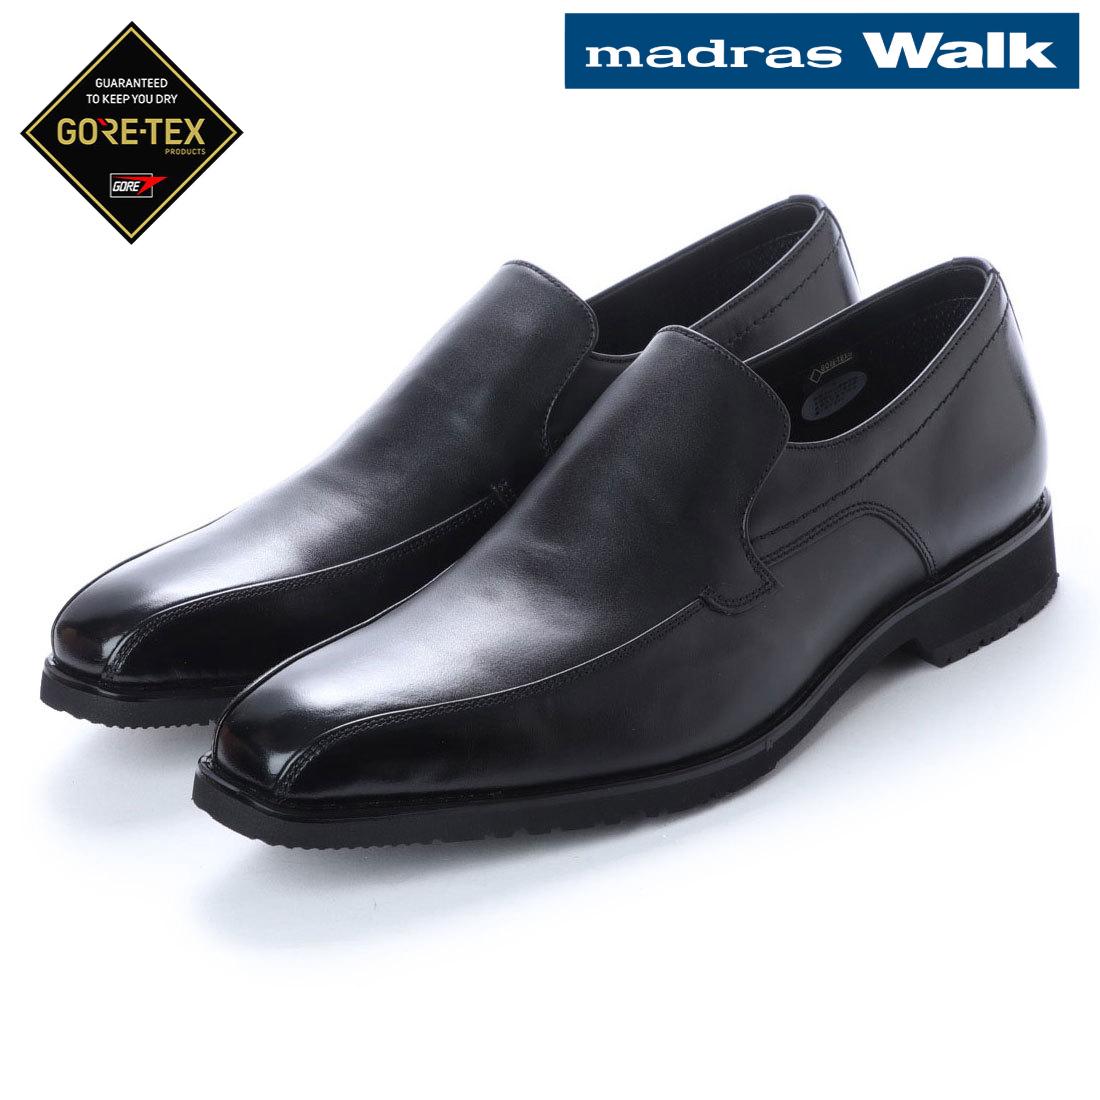 madras Walk マドラス スワール モカヴァンプ スリッポン ビジネス シューズ MW8024 防水 革靴 【nesh】 【新品】